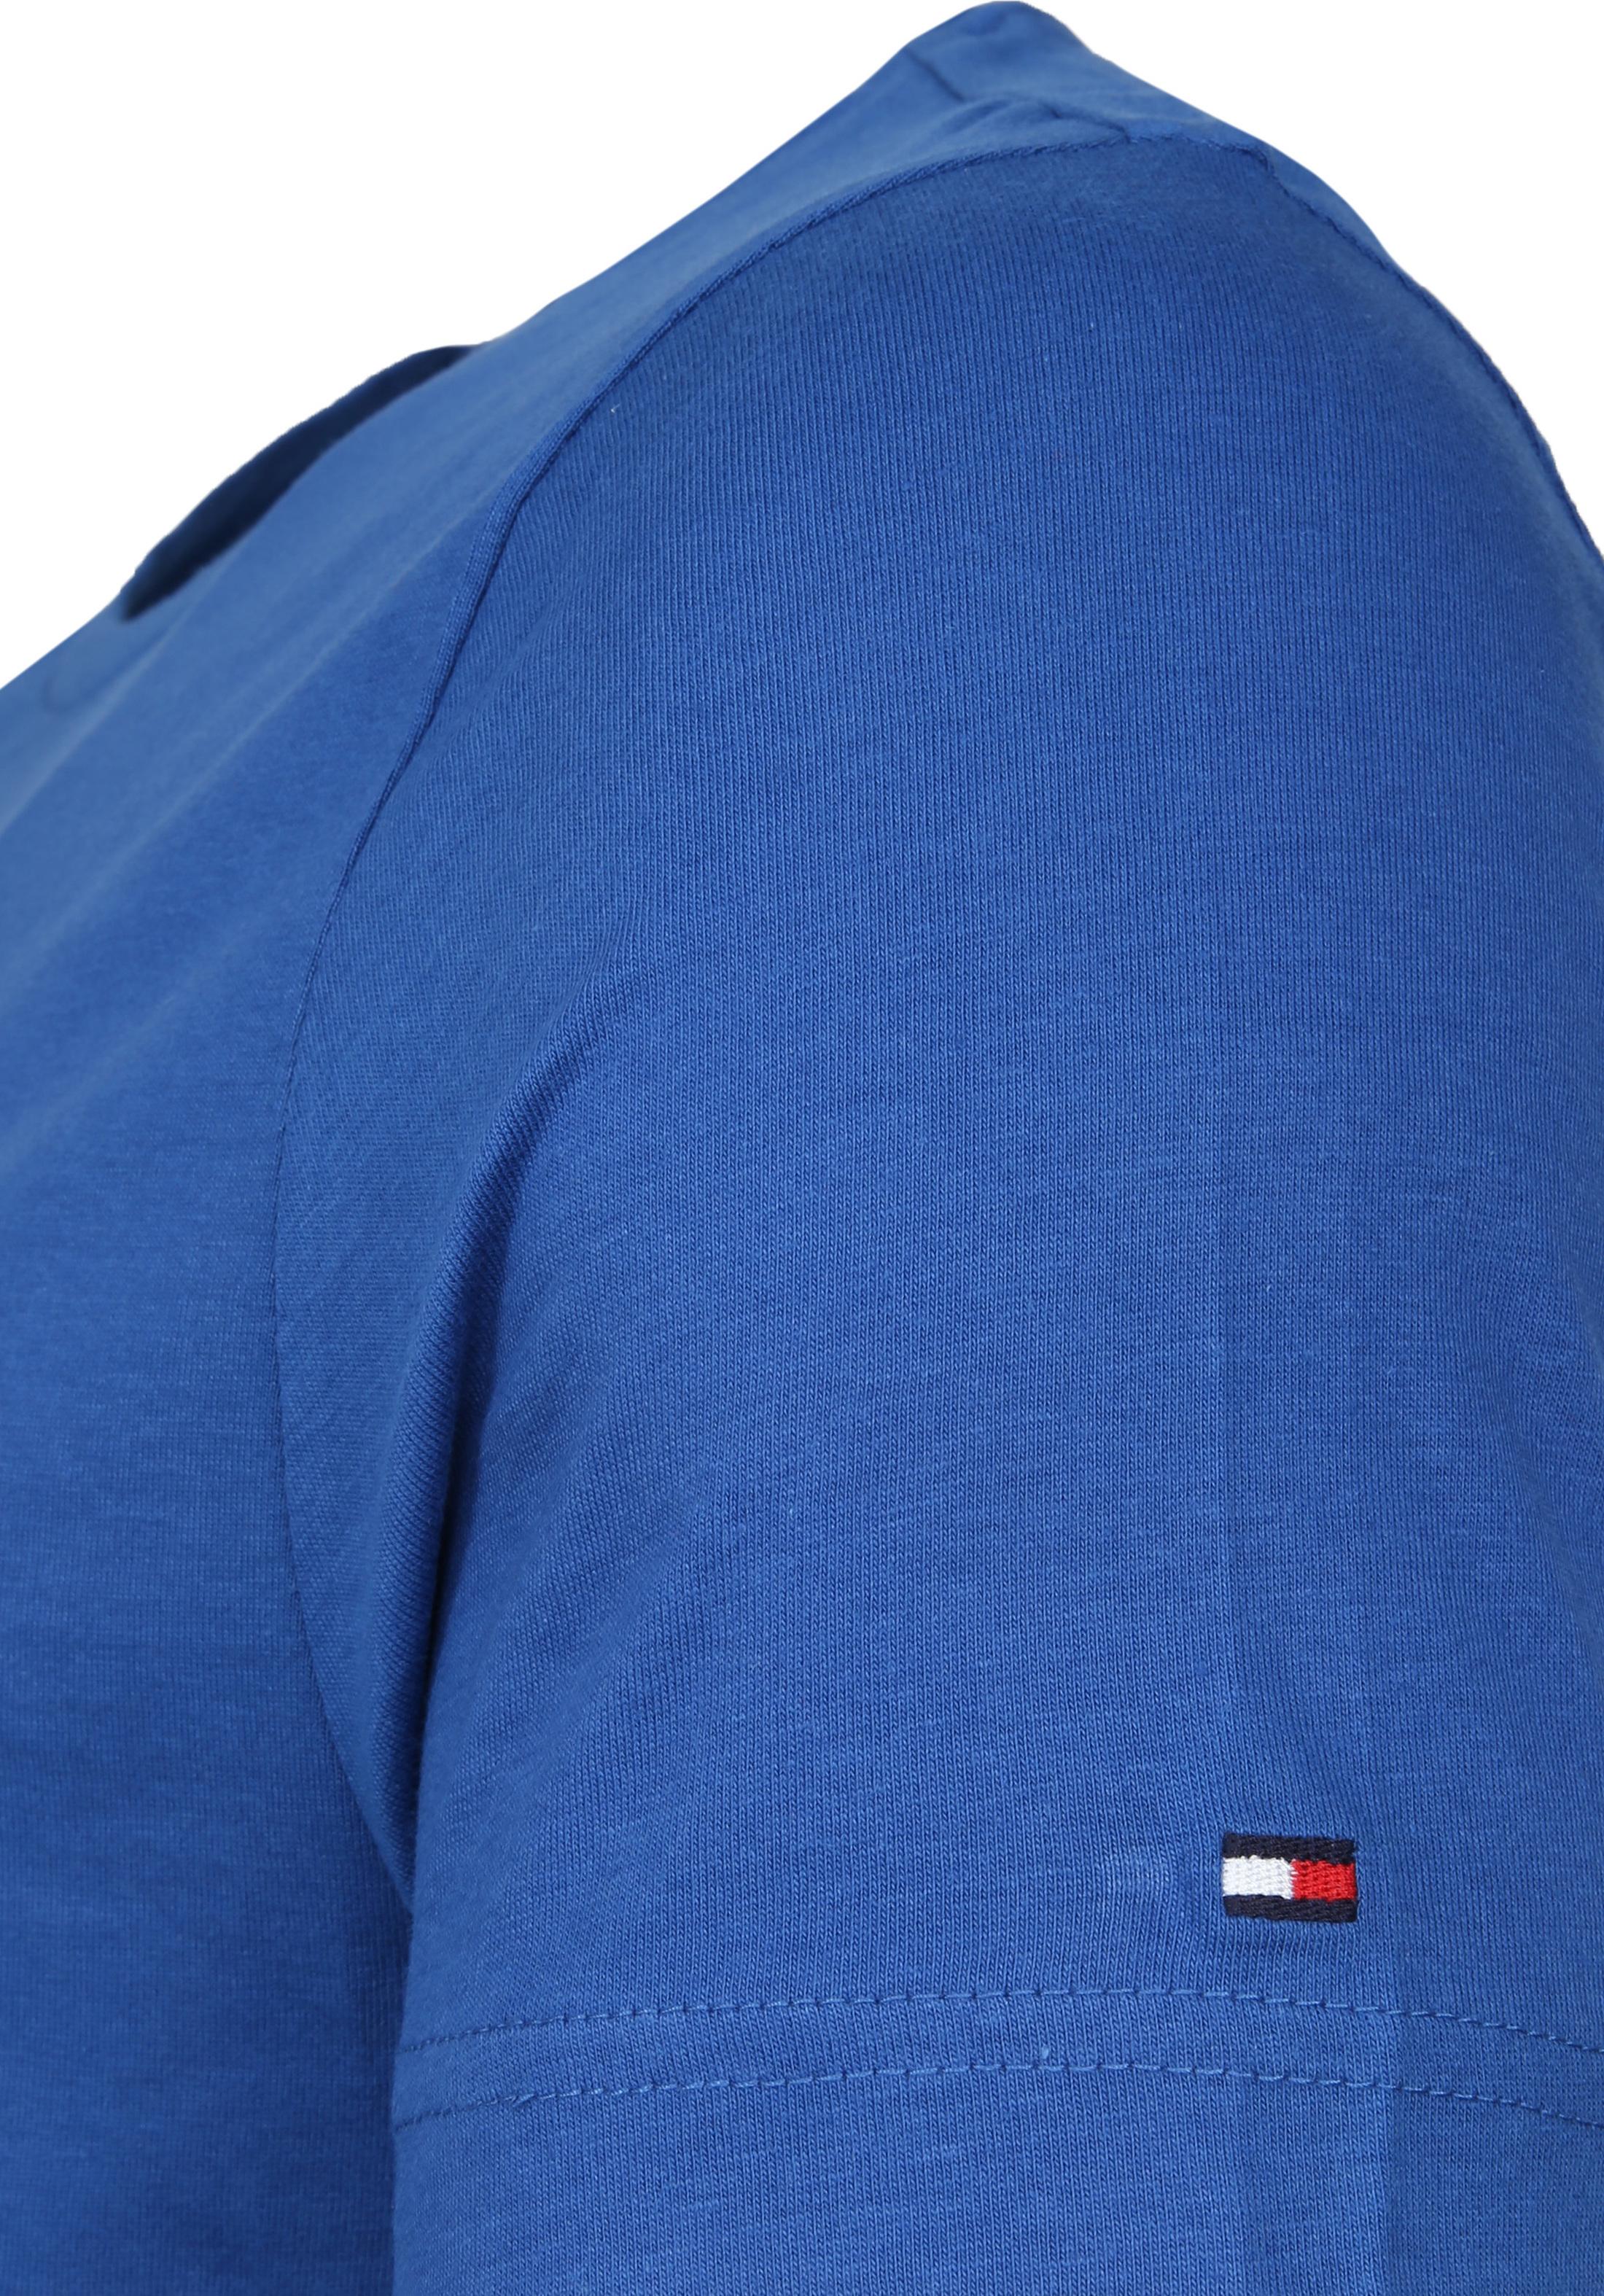 Tommy Hilfiger T-shirt Box Print Blau foto 2